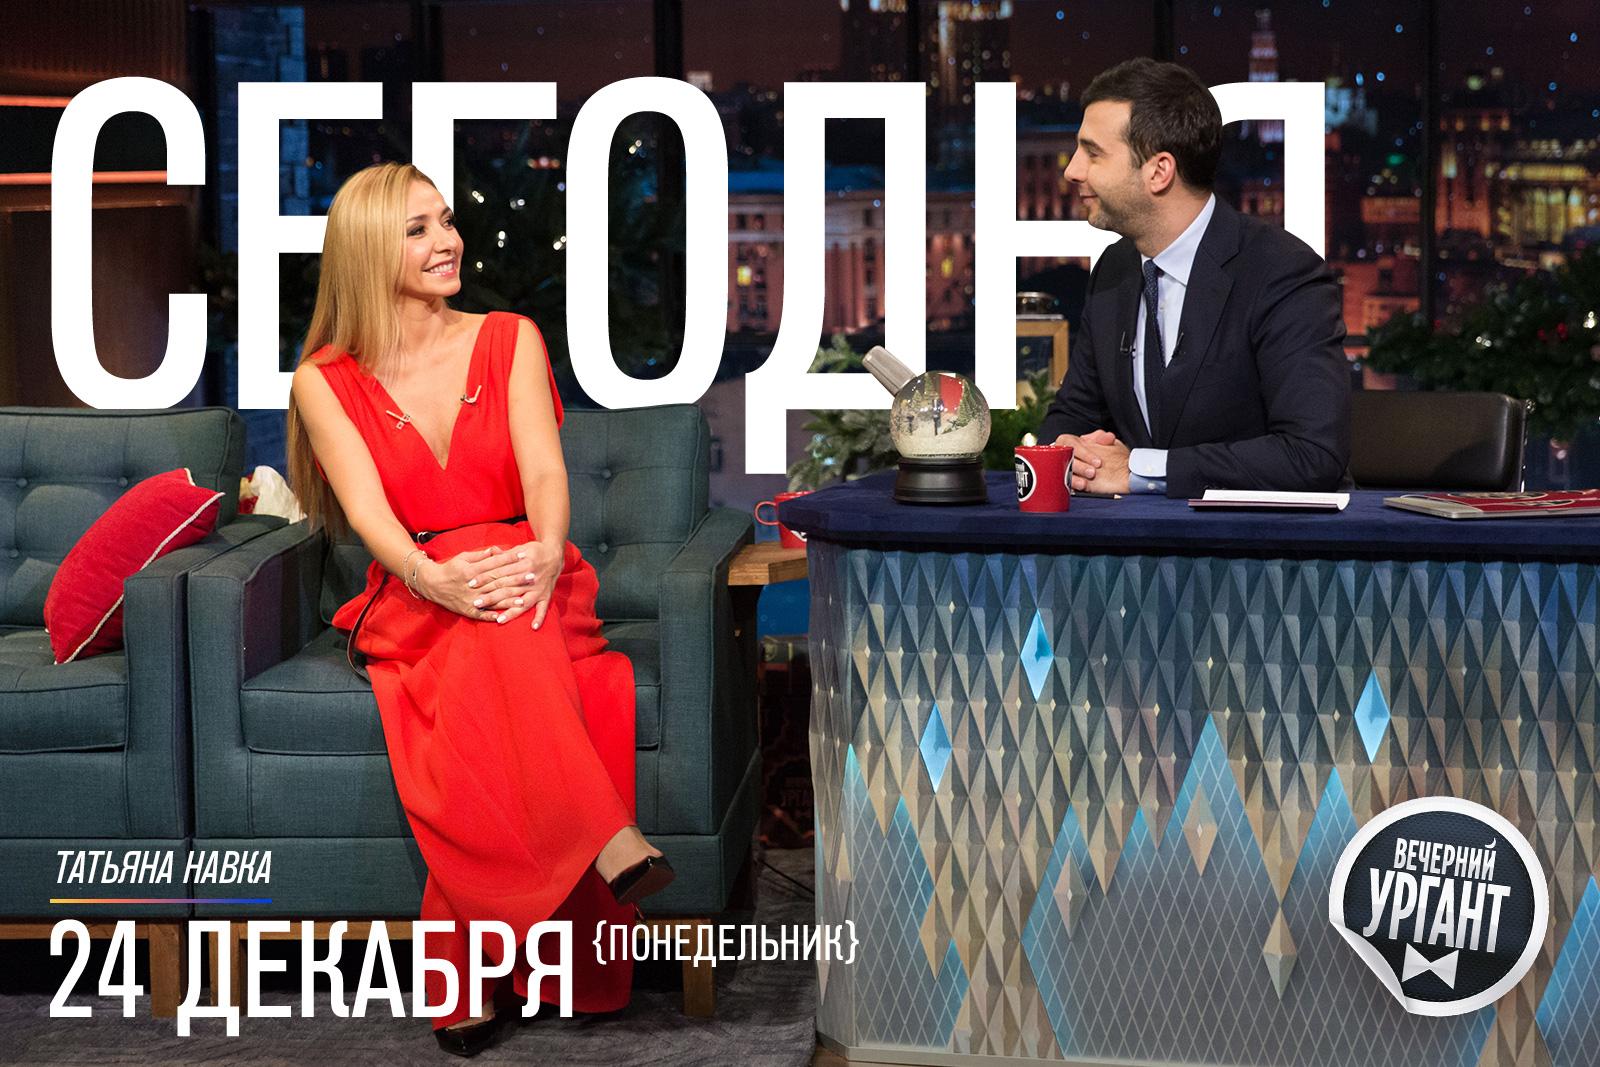 Татьяна Навка на ТВ и радио - Страница 12 XpOwlQ498vo